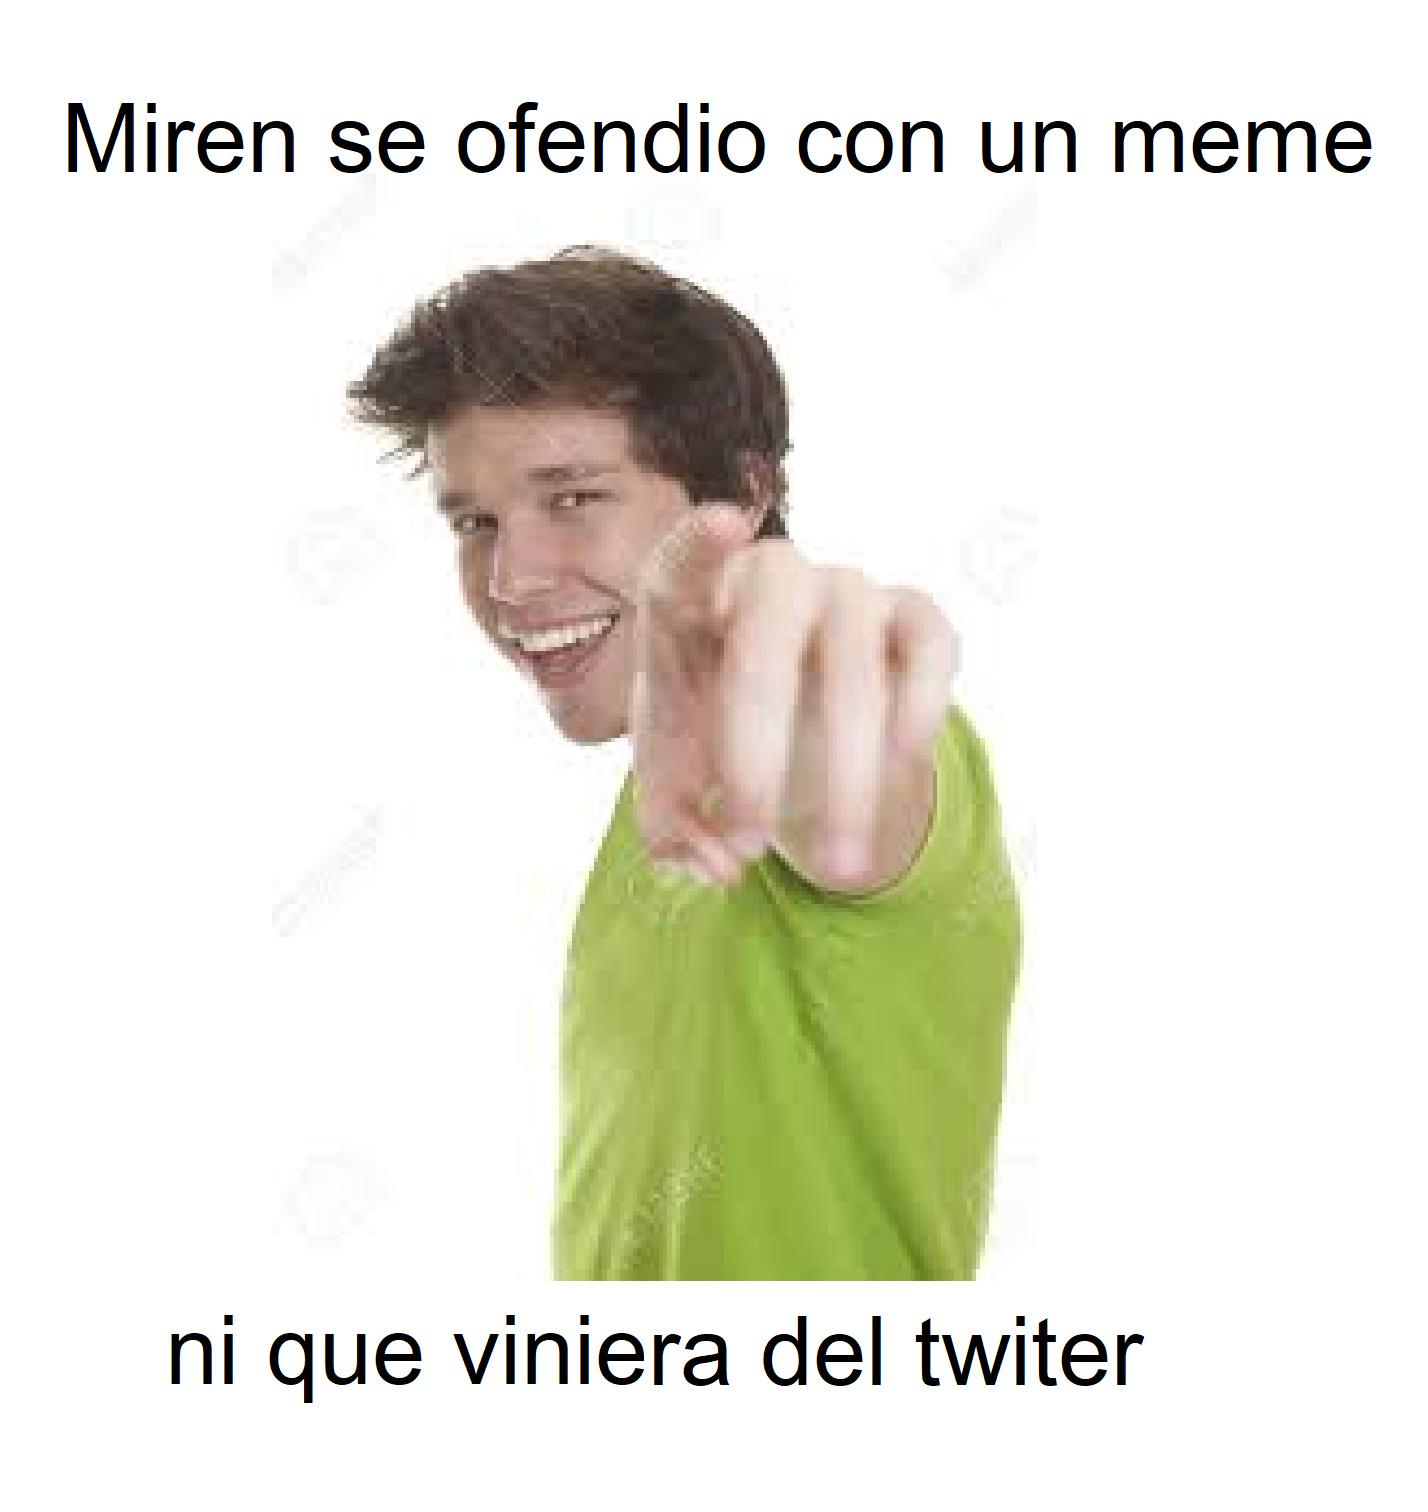 se ofendio - meme